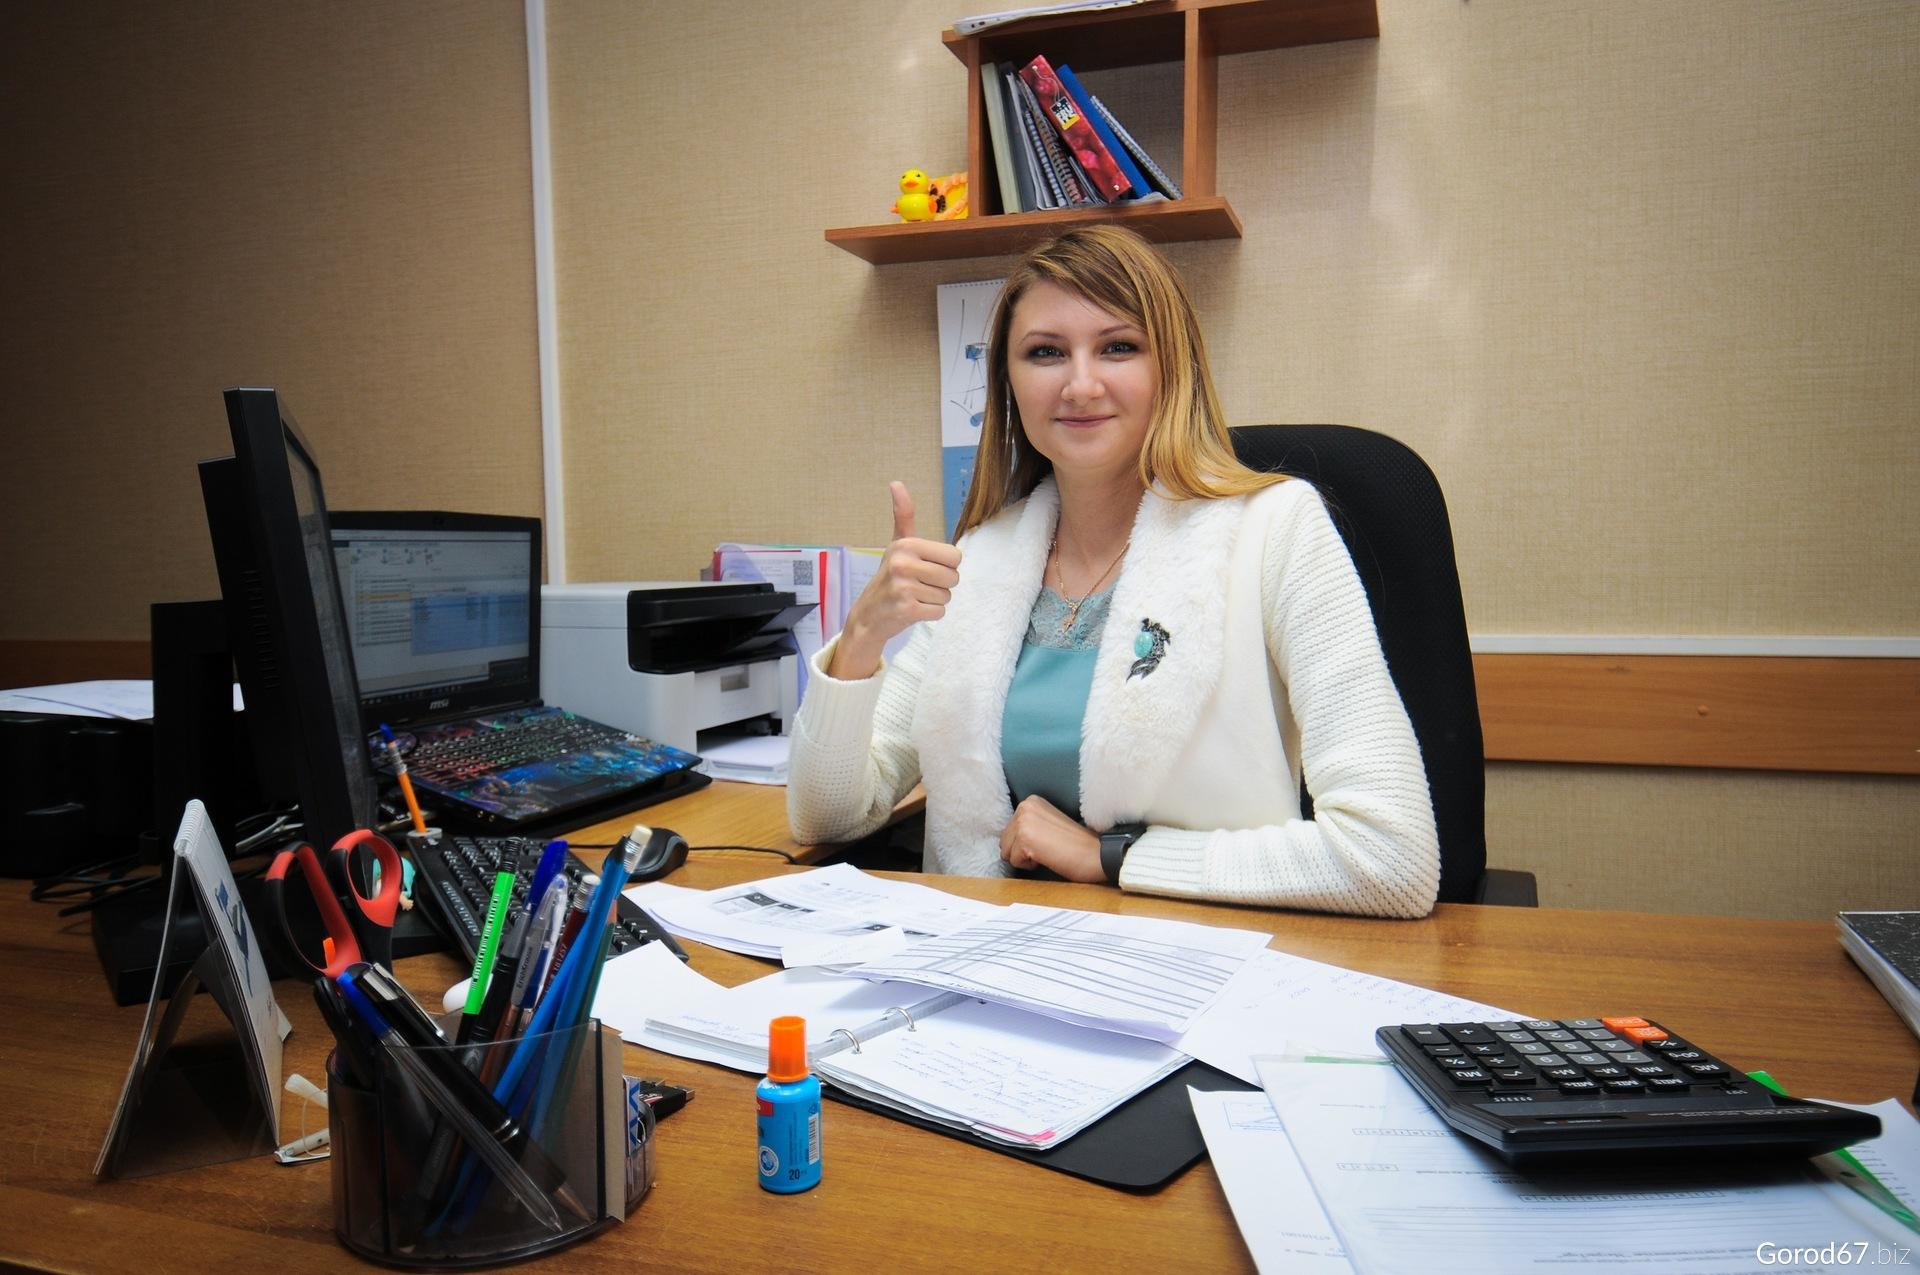 Вакансии бухгалтера смоленск в помощь бухгалтеру в школе